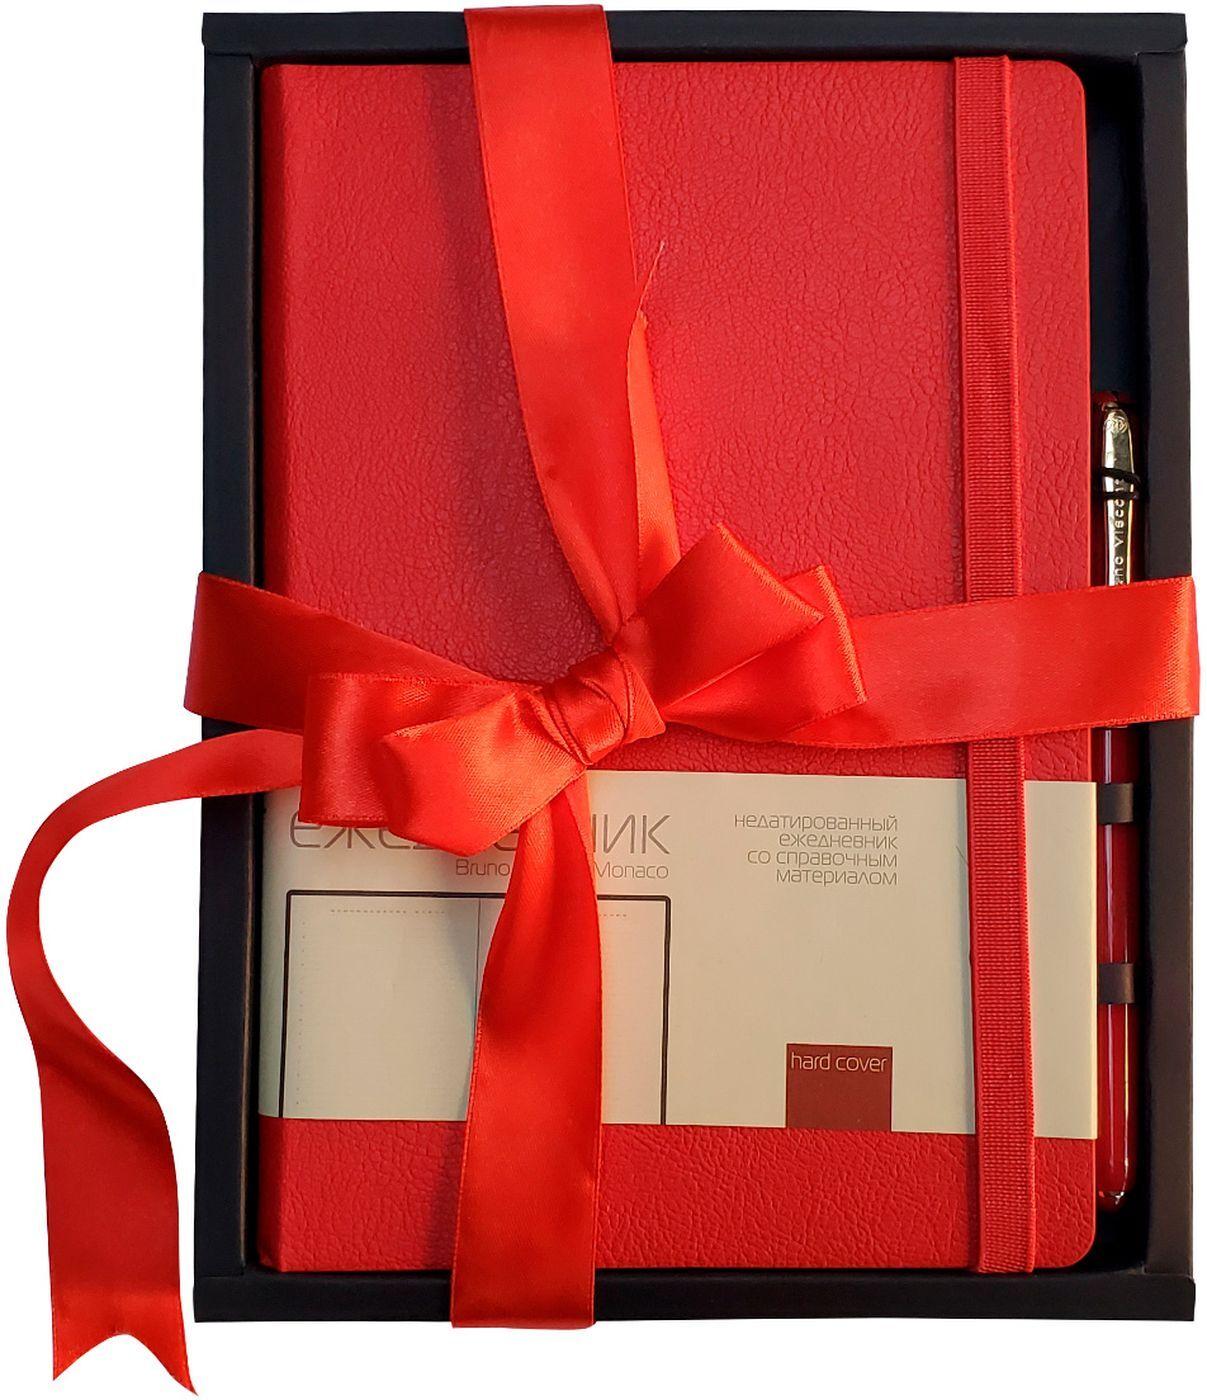 Набор подар BV Monaco красный ежедневник А5 + ручка с бантом